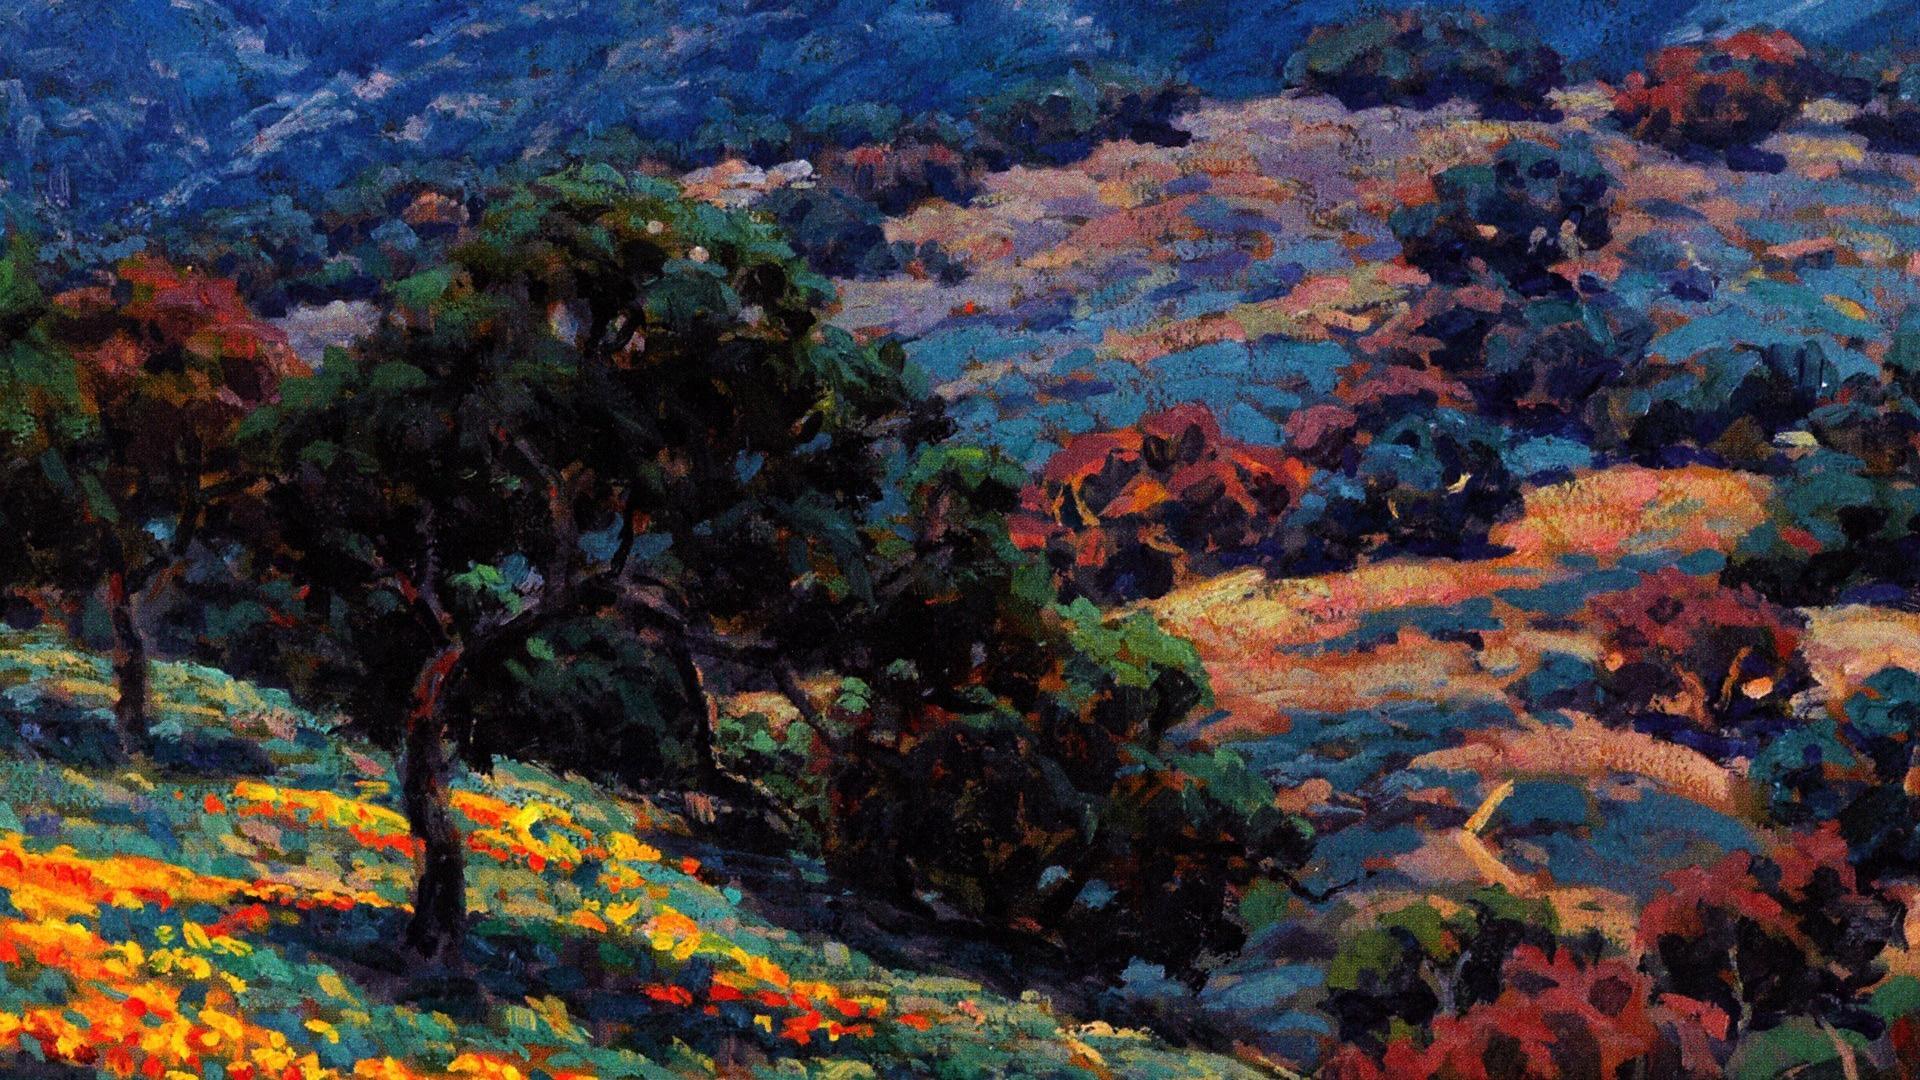 Impressionist Wallpaper 1920x1080